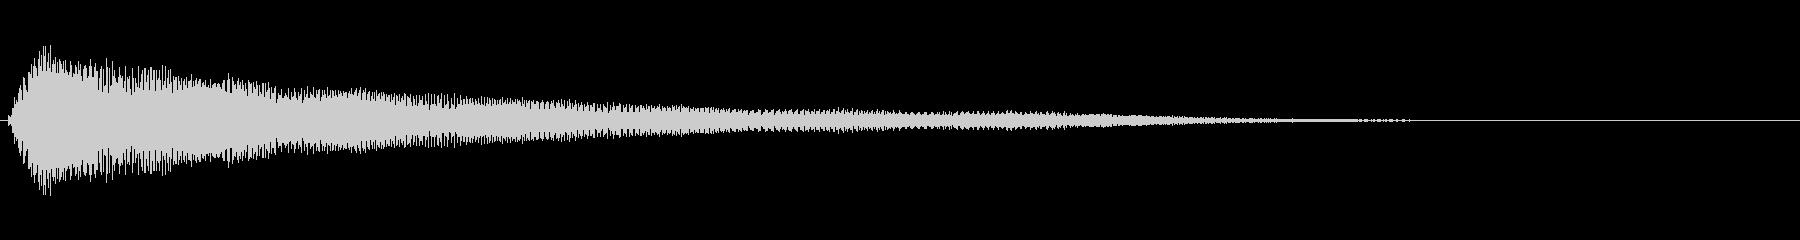 残念・失敗・呆れ・コミカル Low-4の未再生の波形